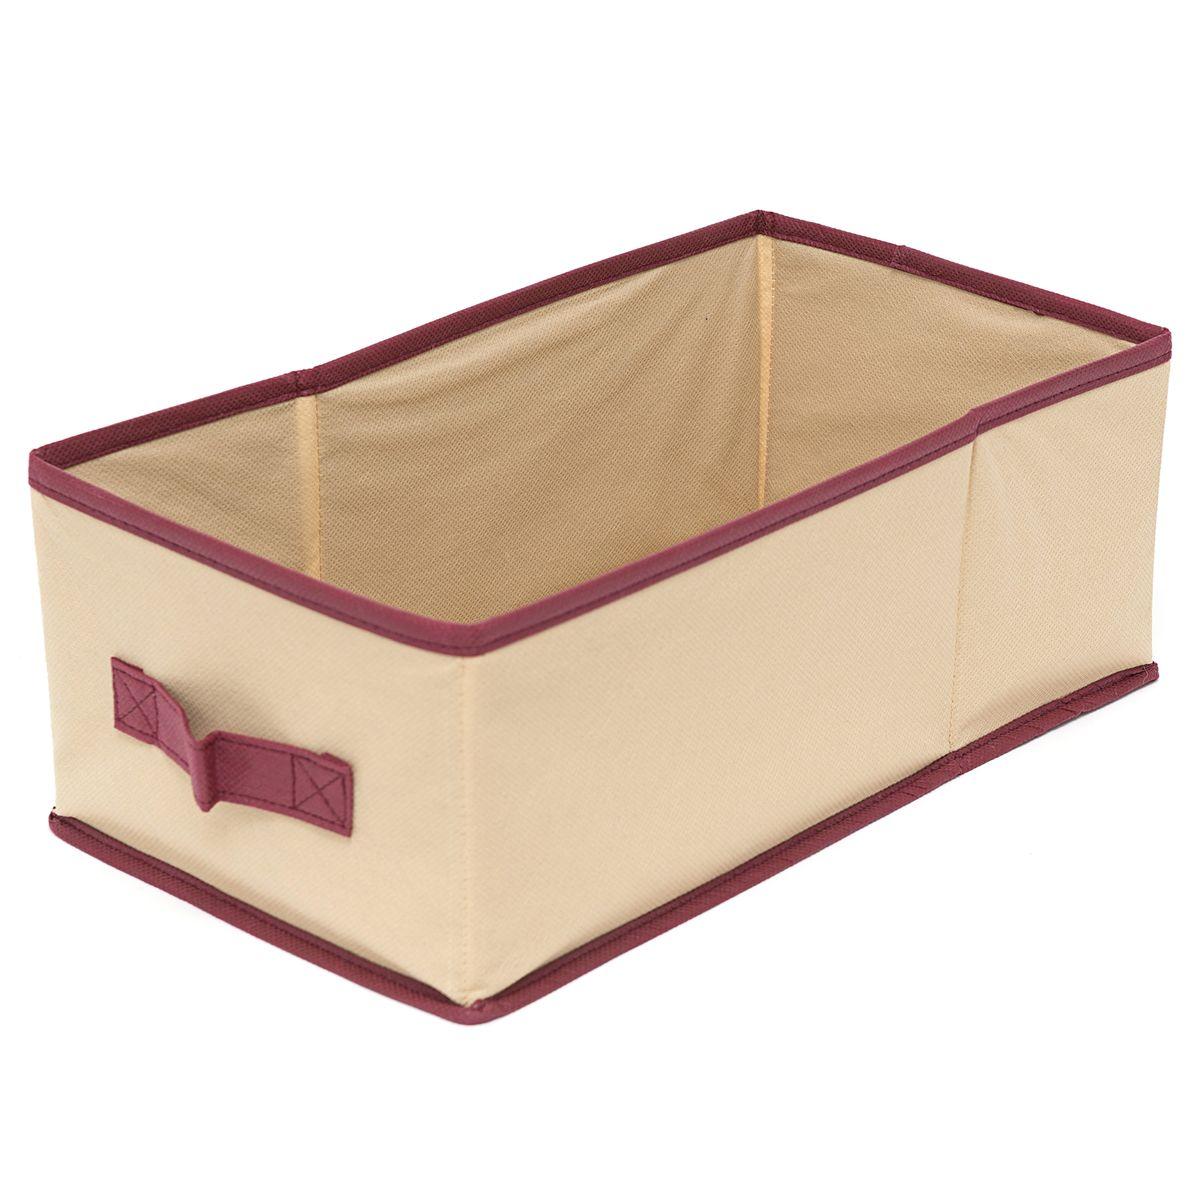 Короб для хранения Homsu Comfort, с ручкой, цвет: бежевый, 37 x 20 x 14 смHOM-683Оптимальный размер универсального короба для хранения Homsu Comfort позволяет хранить в нем любые вещи и предметы. Имеет жесткие борта, что является гарантией сохранности вещей. Размер:37 x 20 x 14 см.